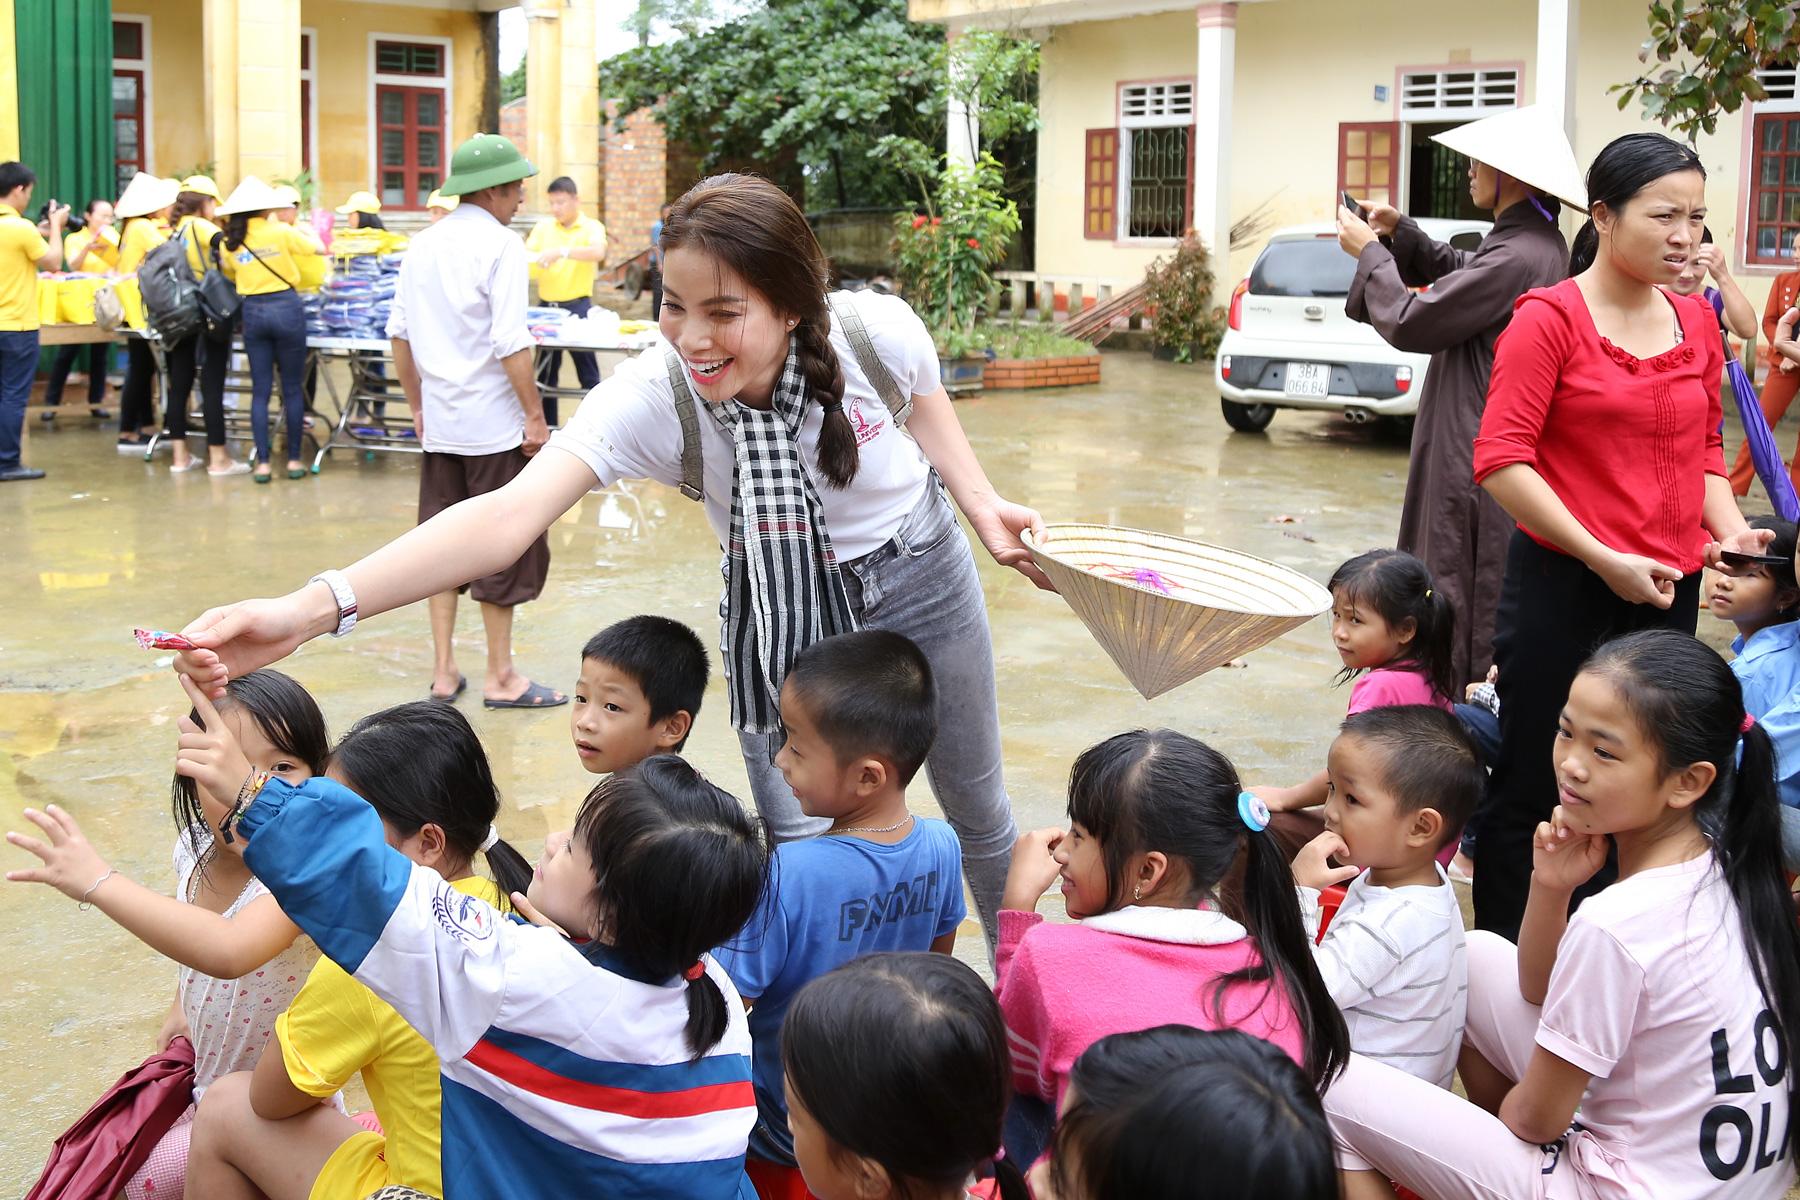 Hoa hậu Phạm Hương chạy xe đạp chở cụ già trong cơn mưa dầm 7